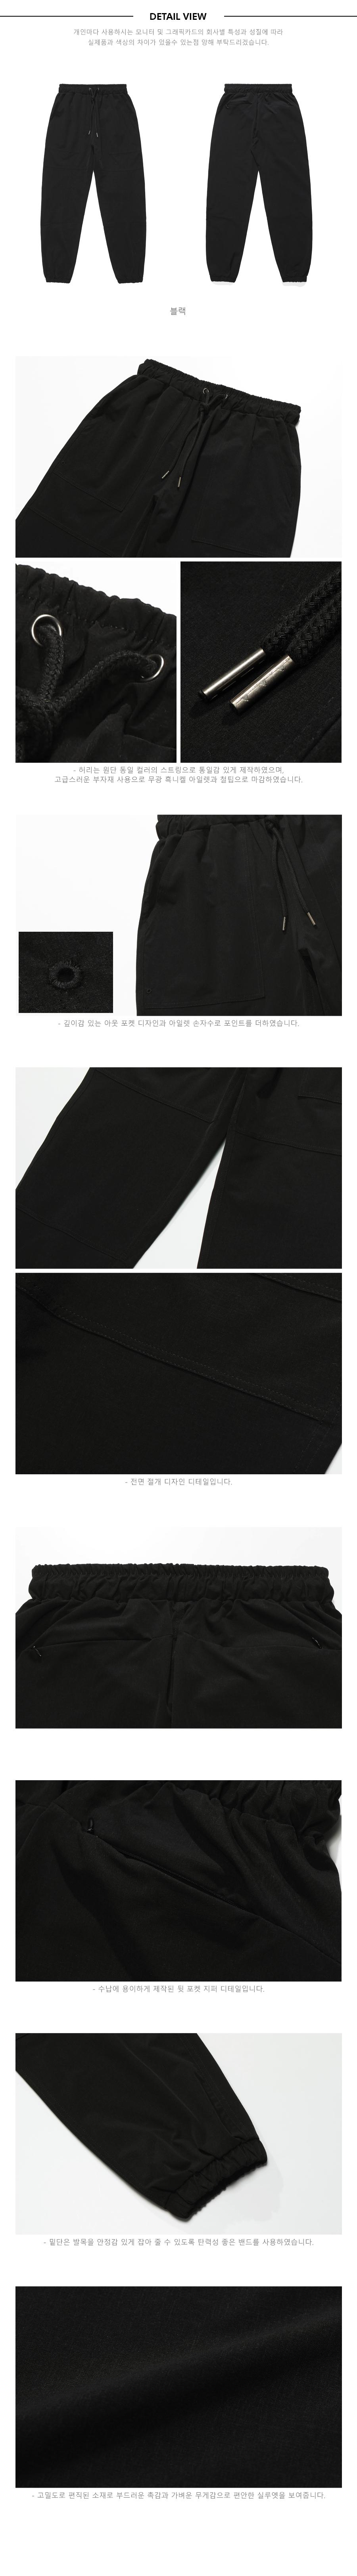 [제멋] 그리드 조거팬츠 블랙 YHLP2233